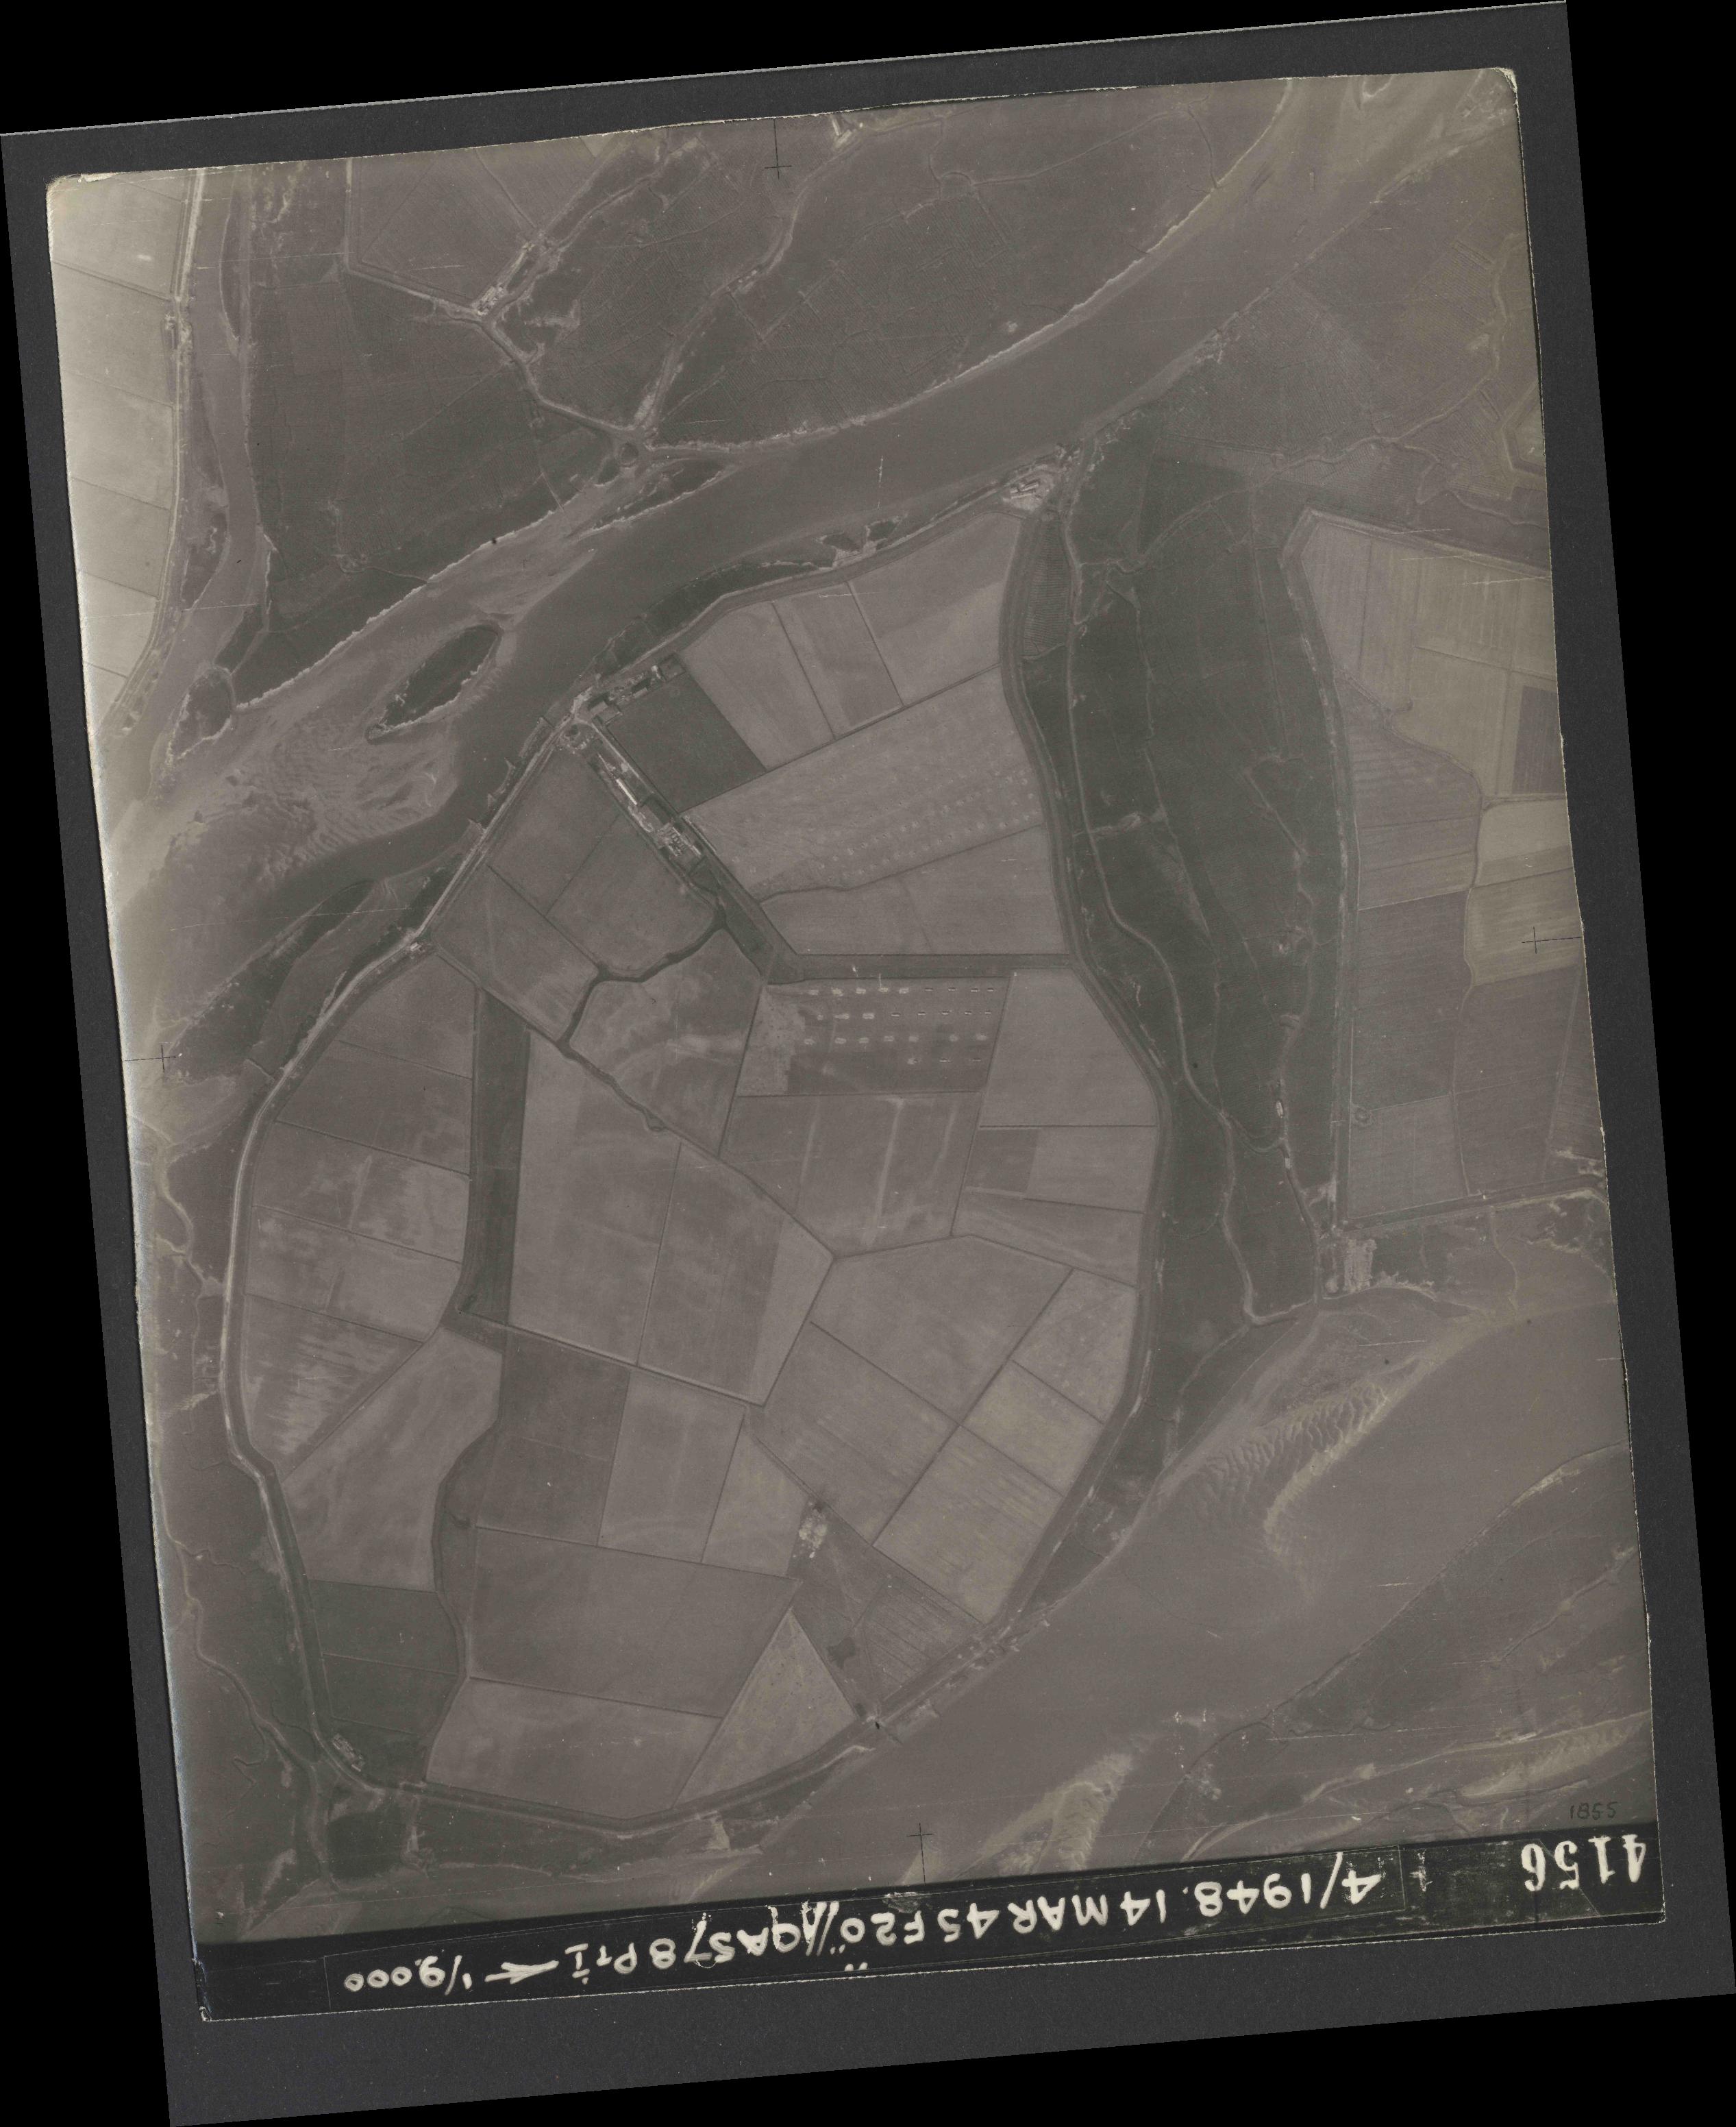 Collection RAF aerial photos 1940-1945 - flight 095, run 04, photo 4156